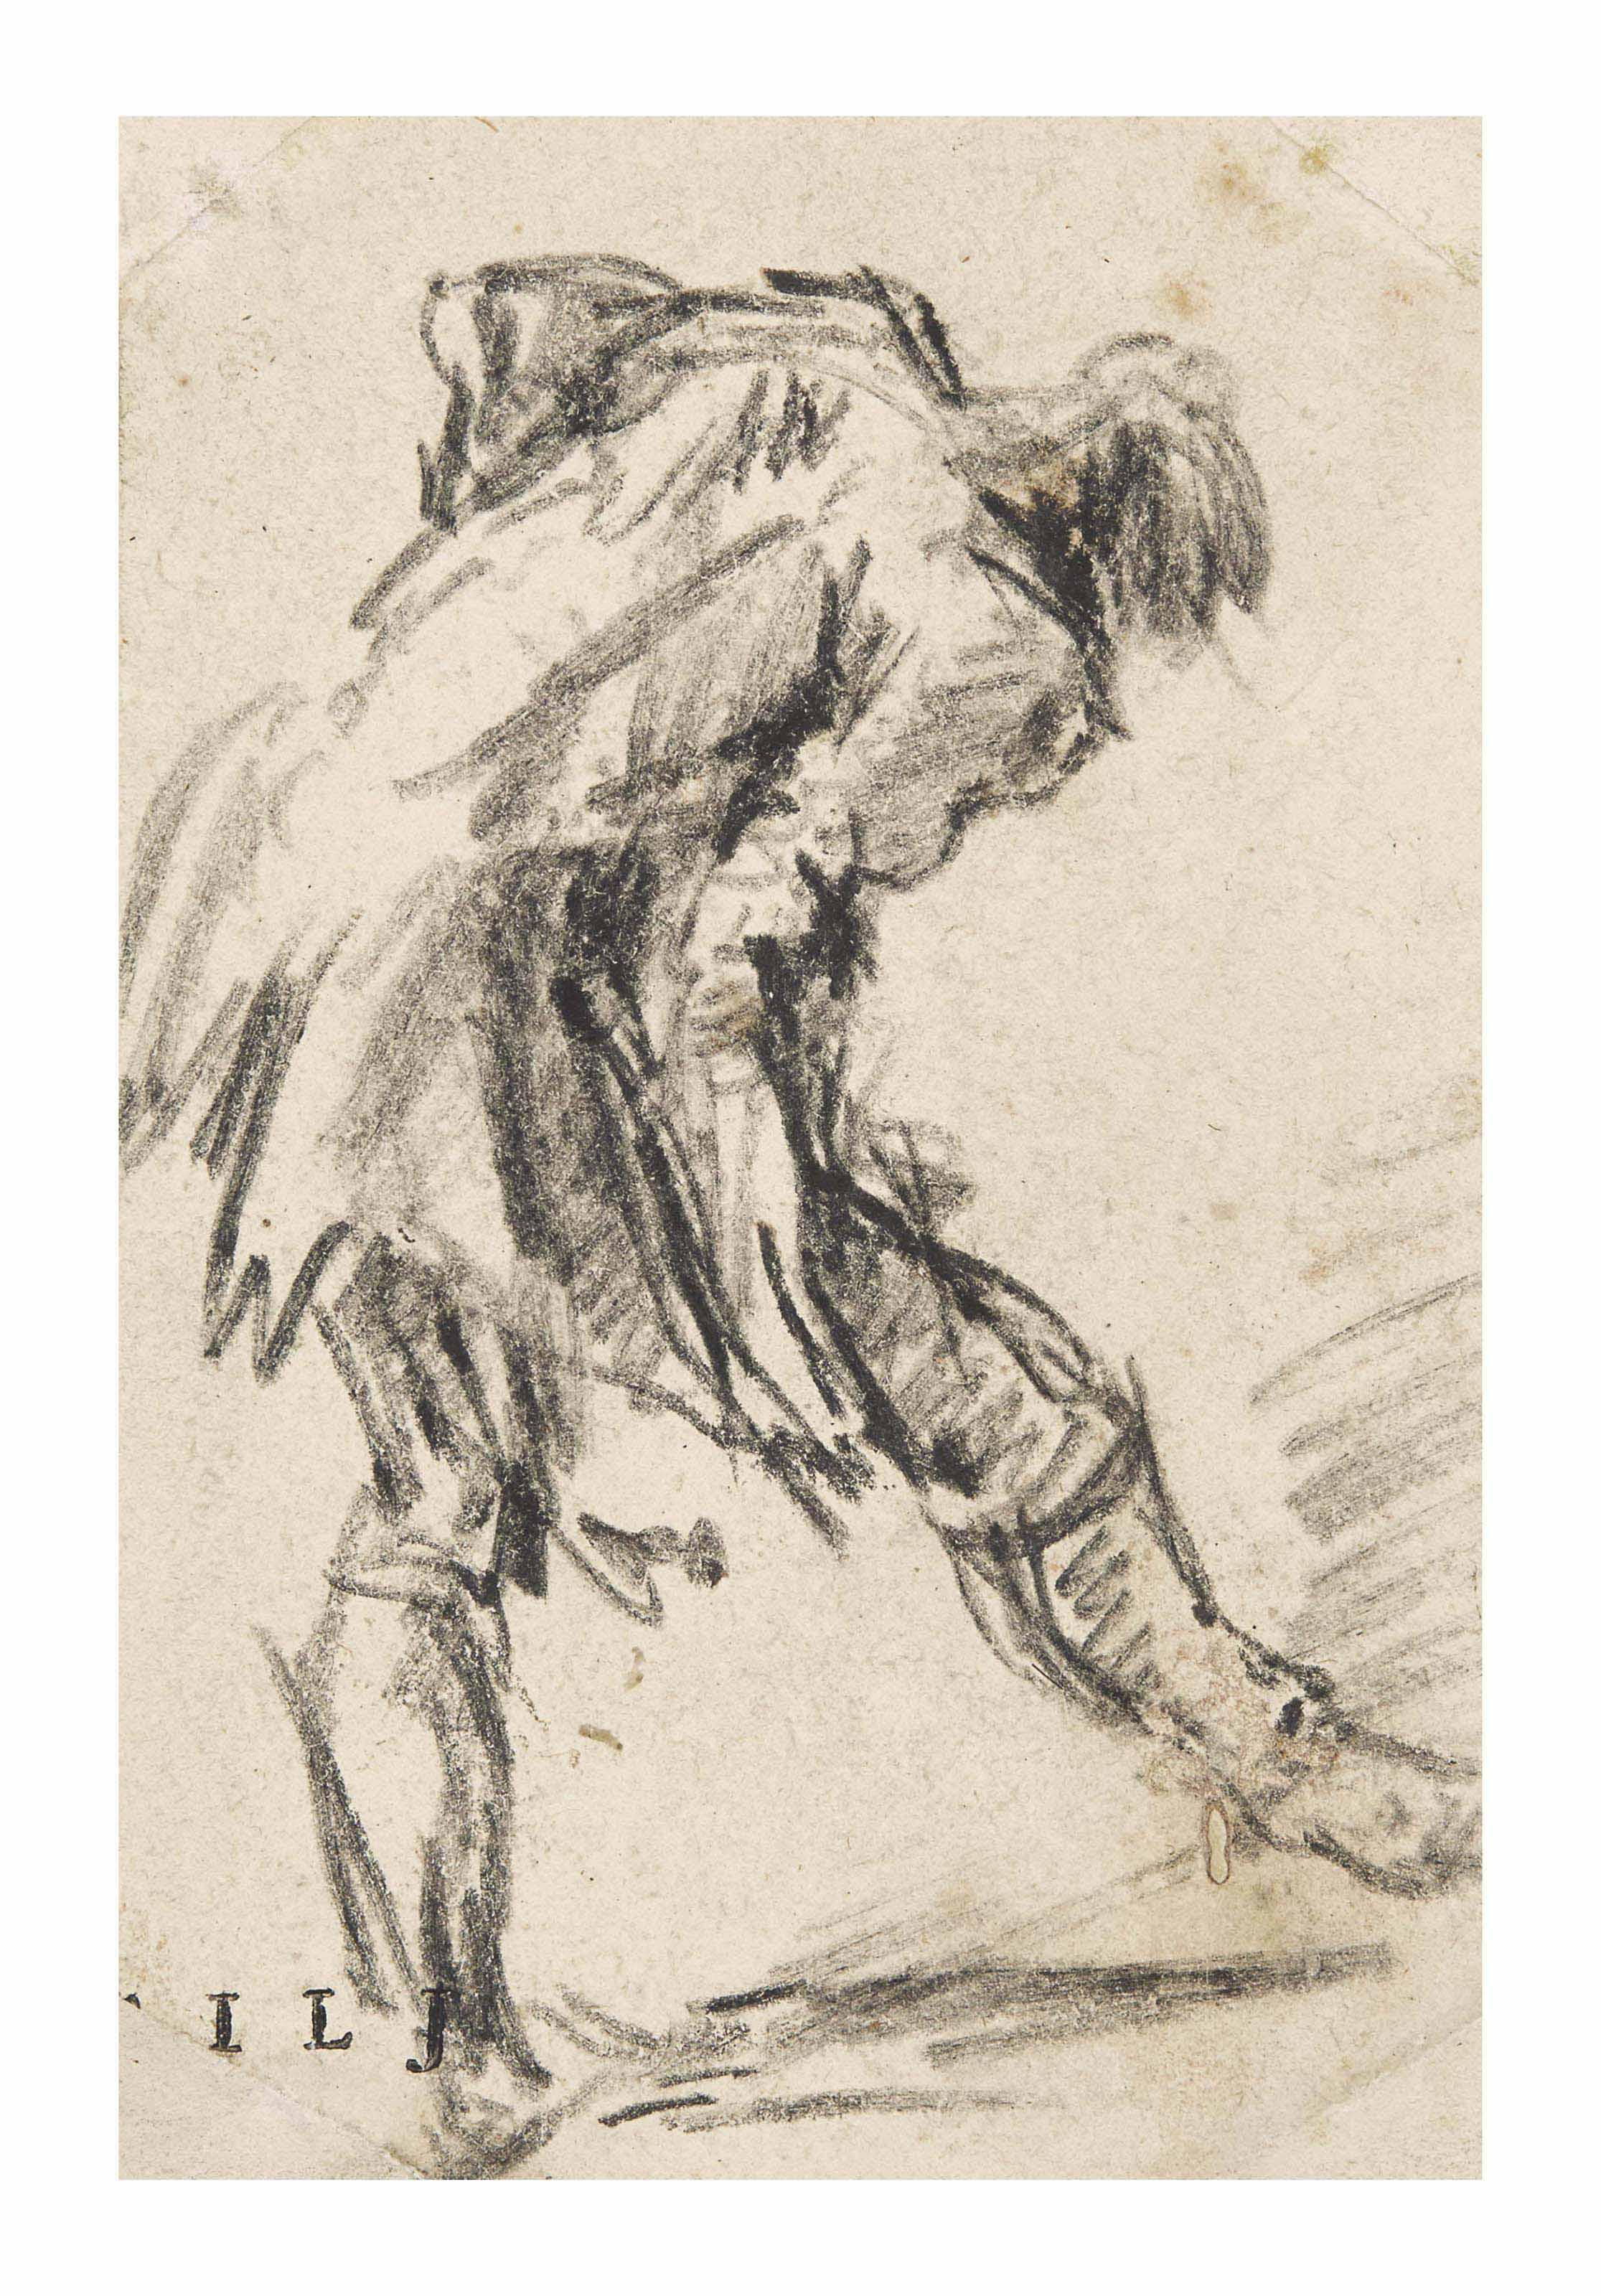 Homme penché en avant esquissant un pas (recto); Fragment d'élements architecturaux extrait de 'De Romanorum magnificentia et architectura' (verso)